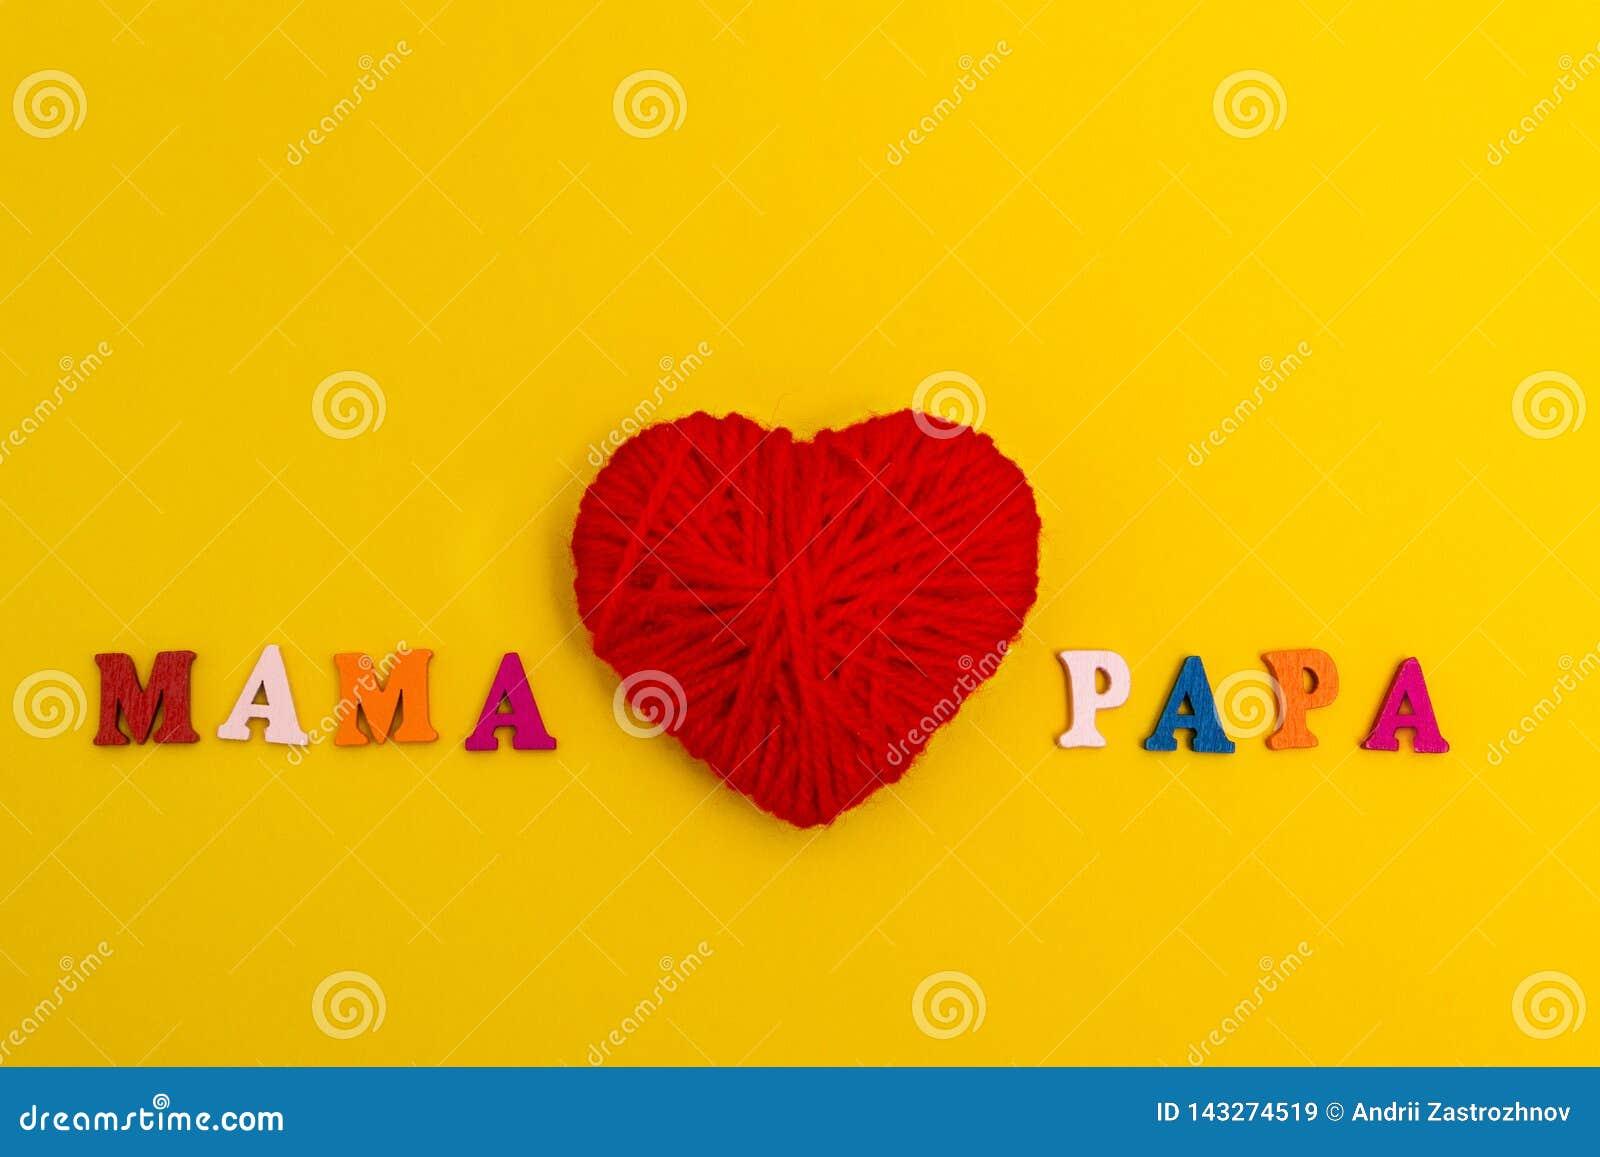 Rood gebreid hart op een gele achtergrond, de pa van mammaliefdes